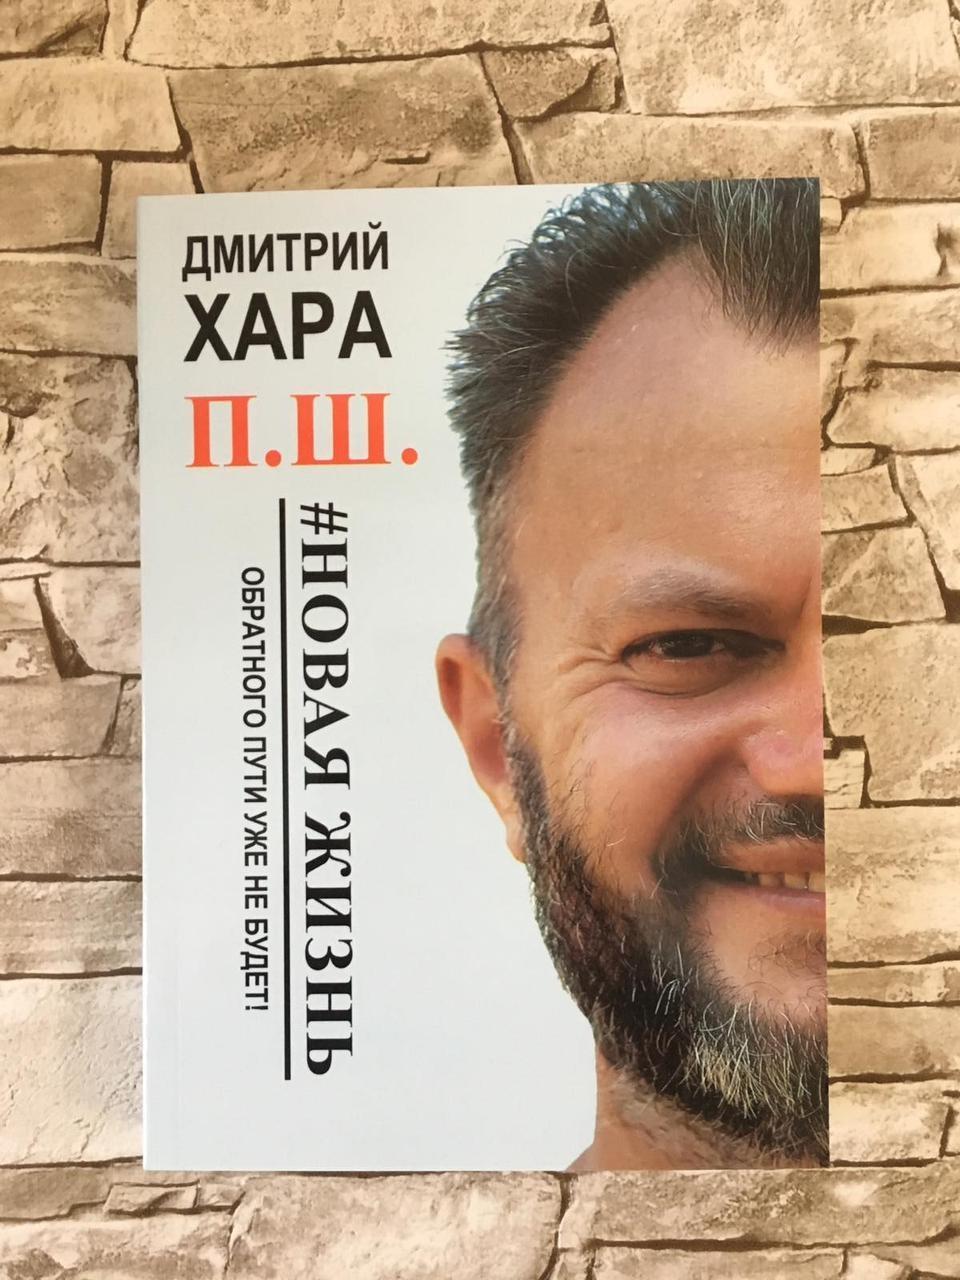 """Книга """"П. Ш. #Новая жизнь. Обратного пути уже не будет!""""  Дмитрий Хара"""